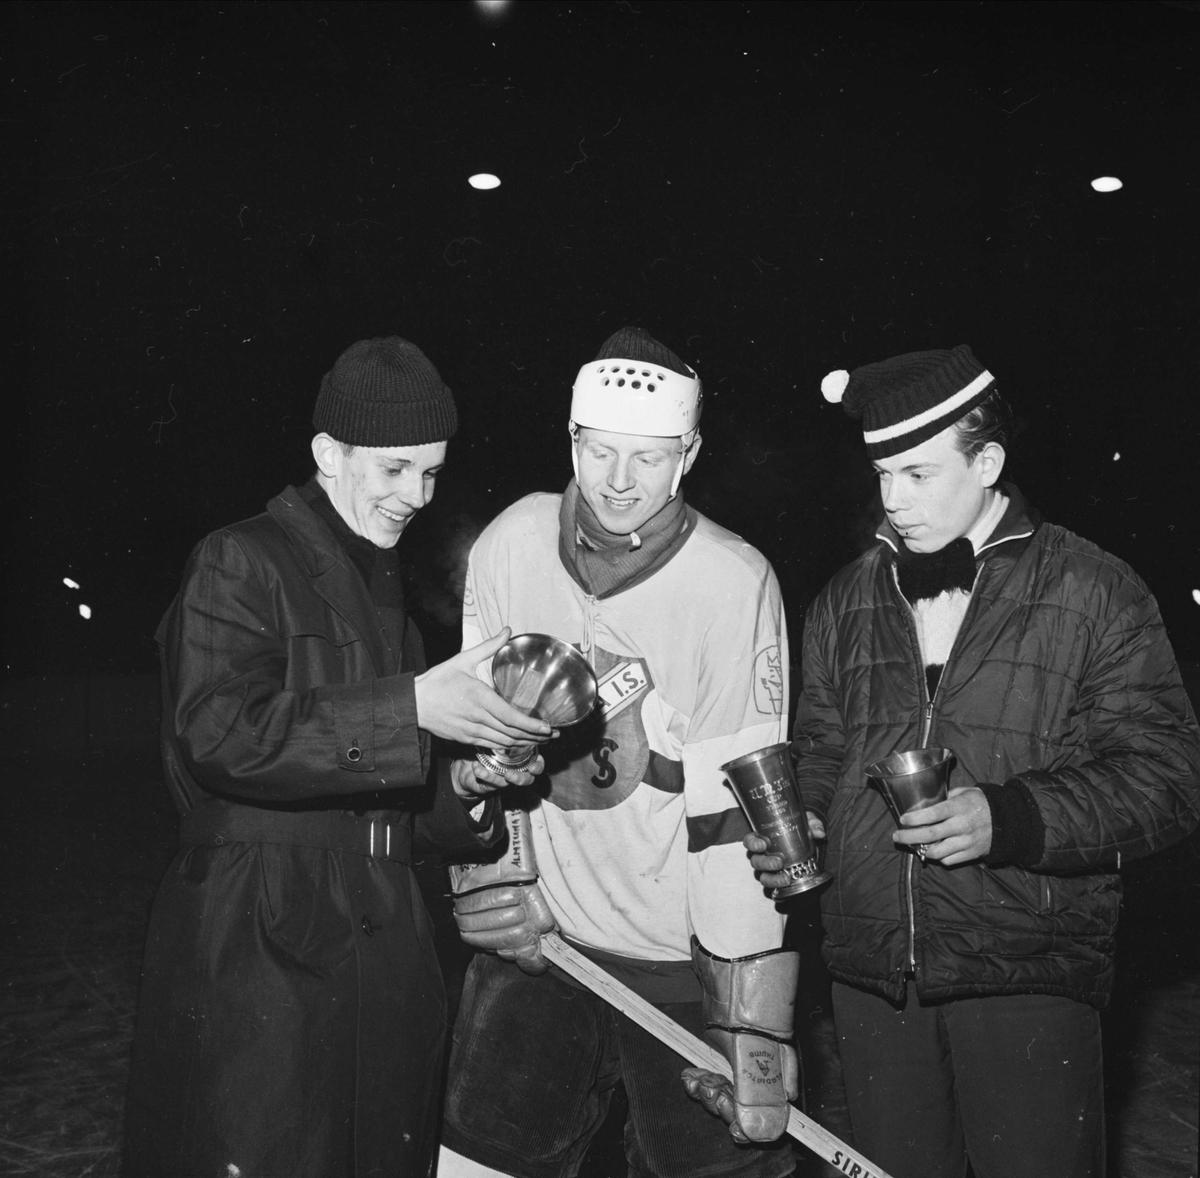 Ishockeyspelare från Almtuna IS med idrottspriser, Uppsala 1962